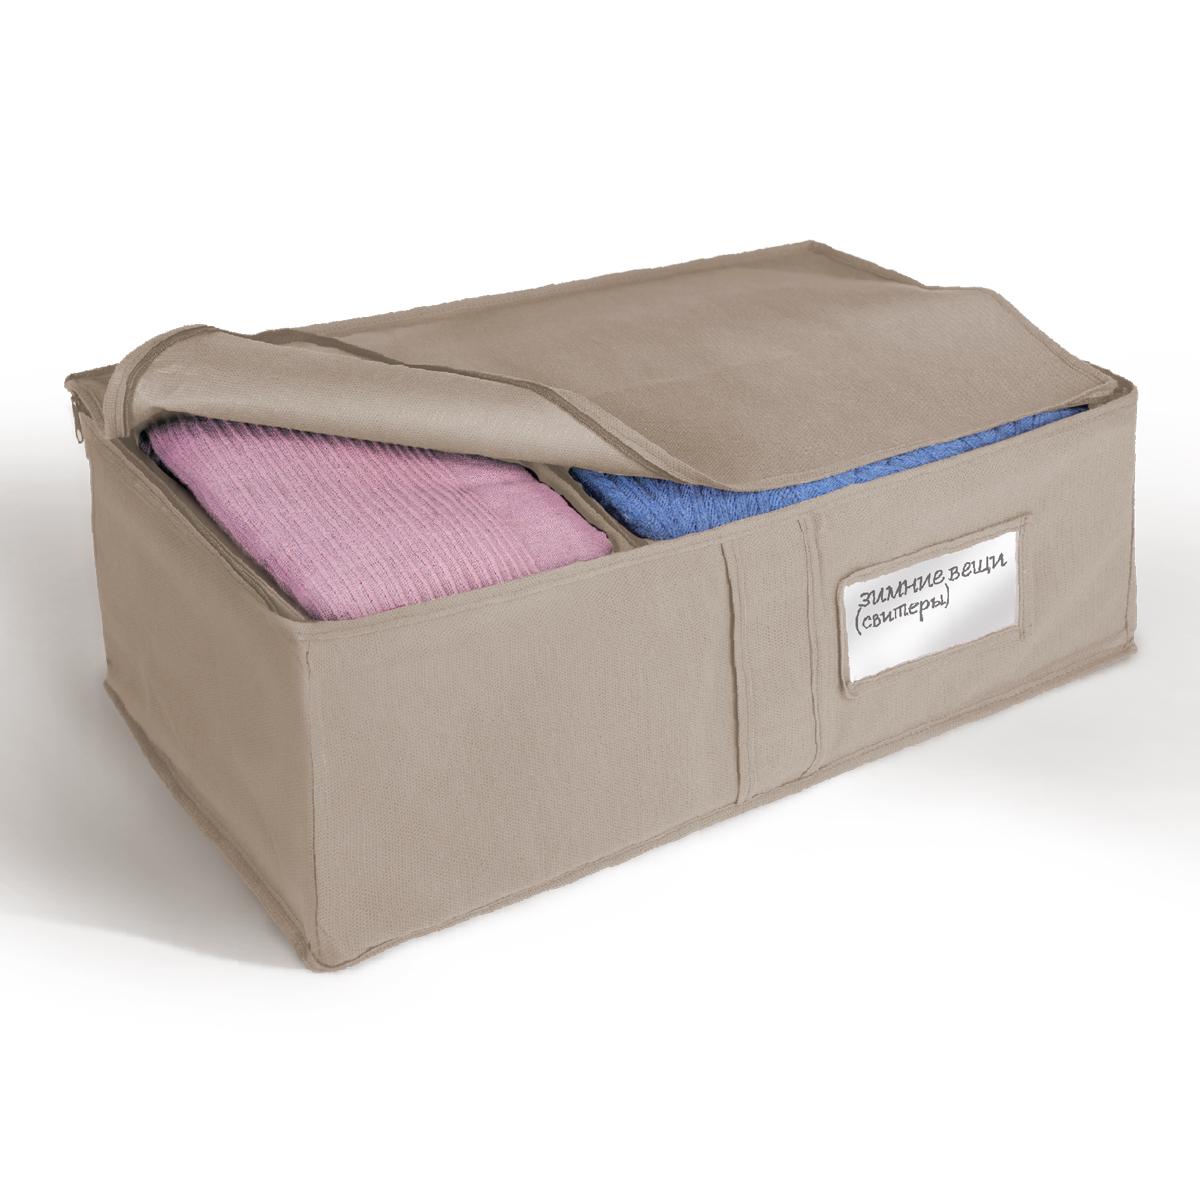 """Компактный складной кофр """"Miolla"""" изготовлен из высококачественного нетканого материала, который обеспечивает естественную вентиляцию, позволяя воздуху проникать внутрь, но не пропускает пыль. Изделие закрывается на молнию."""